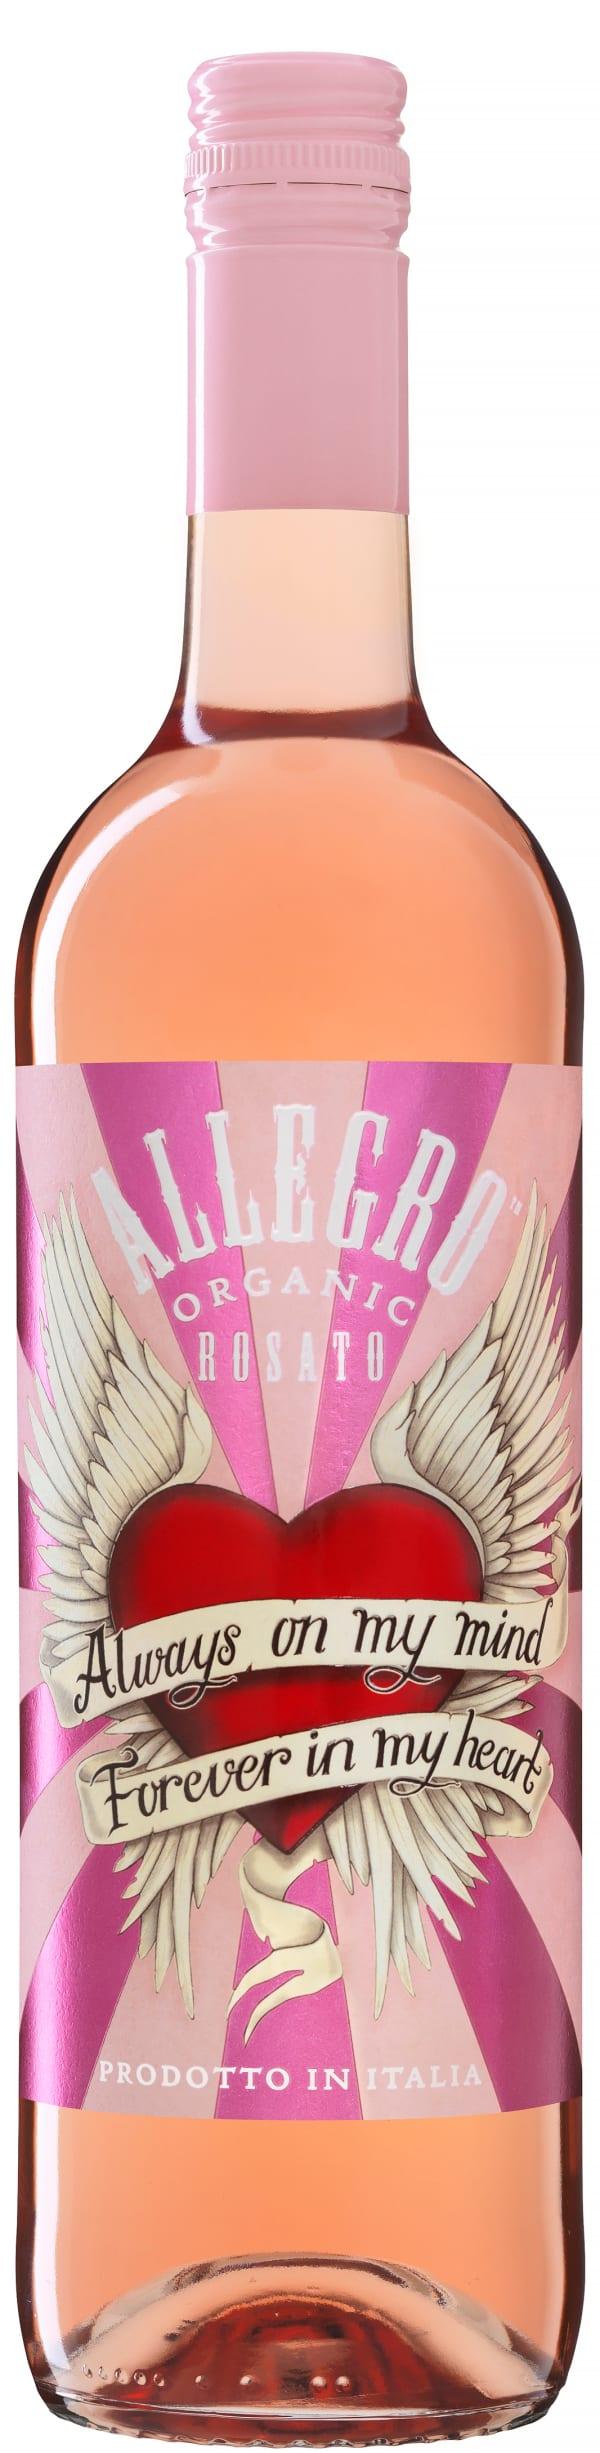 Allegro Organic Rosato